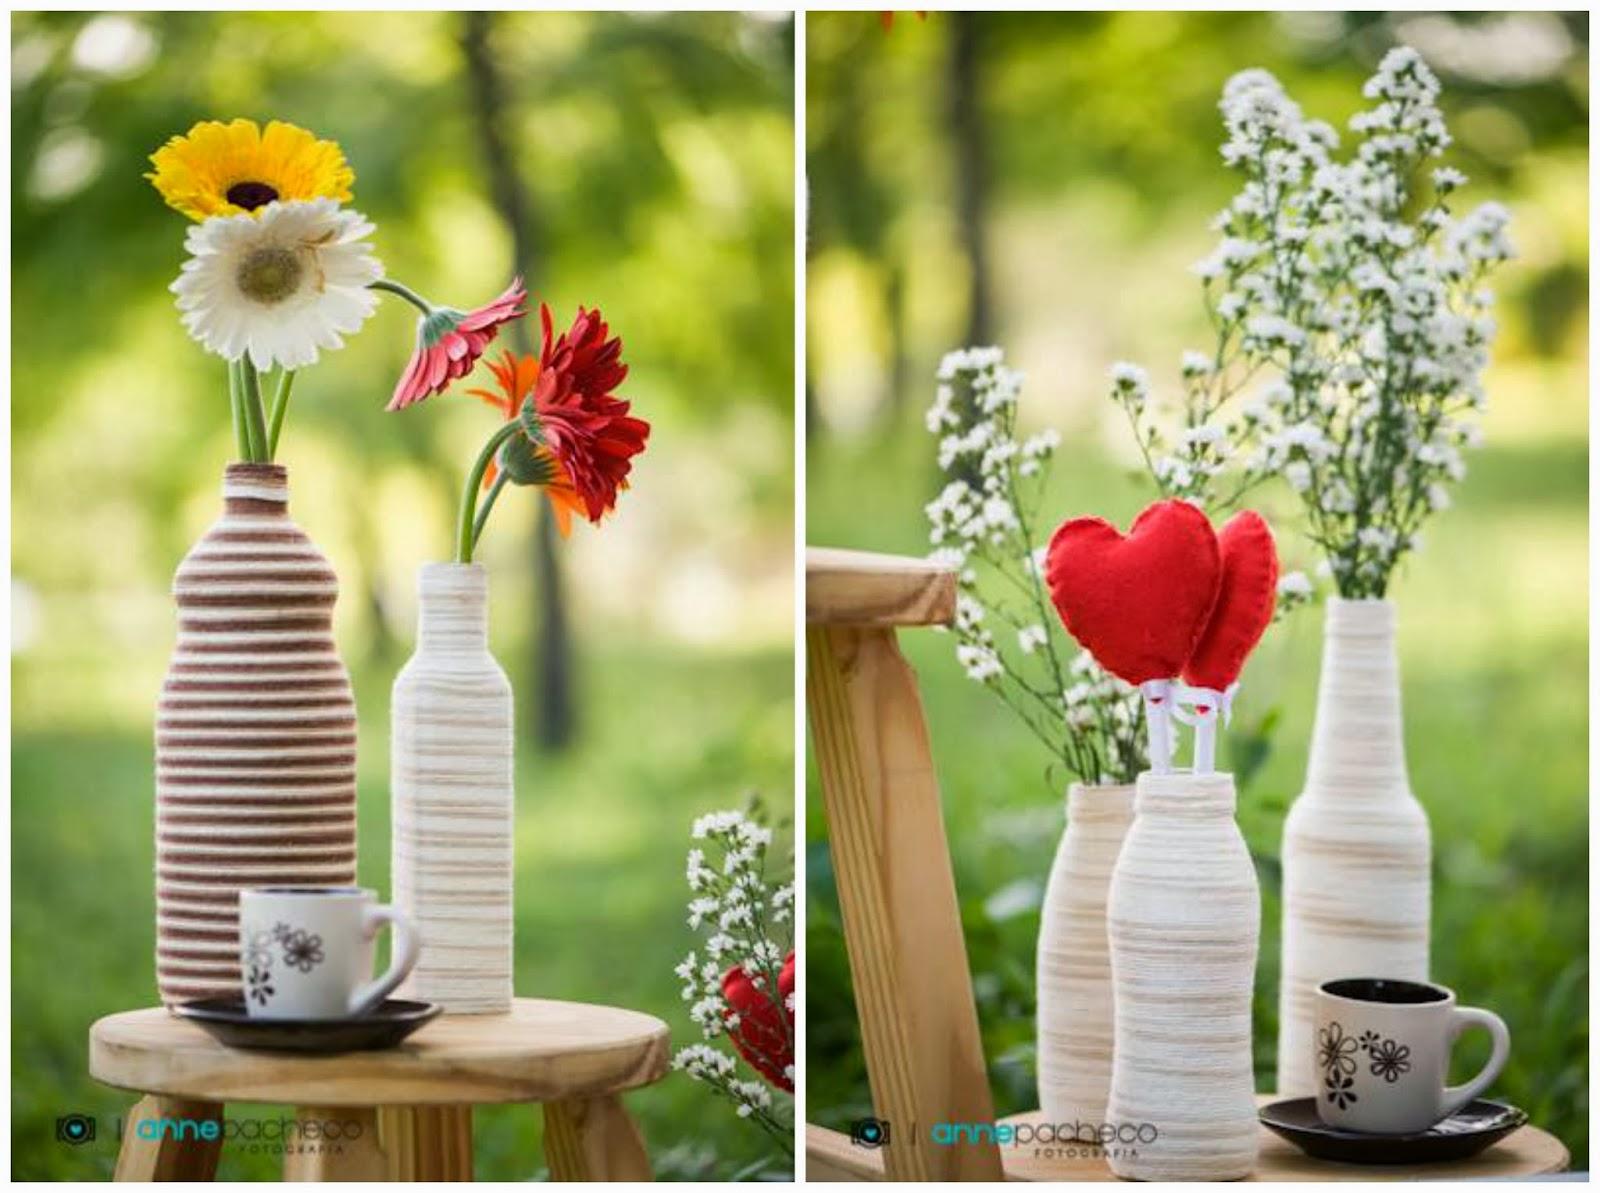 e-session - ensaio de noivos - ensaio divertido - ensaio - piquenique - faça você mesma - diy - decoração ensaio - garrafinhas - garrafinhas com lã - coração